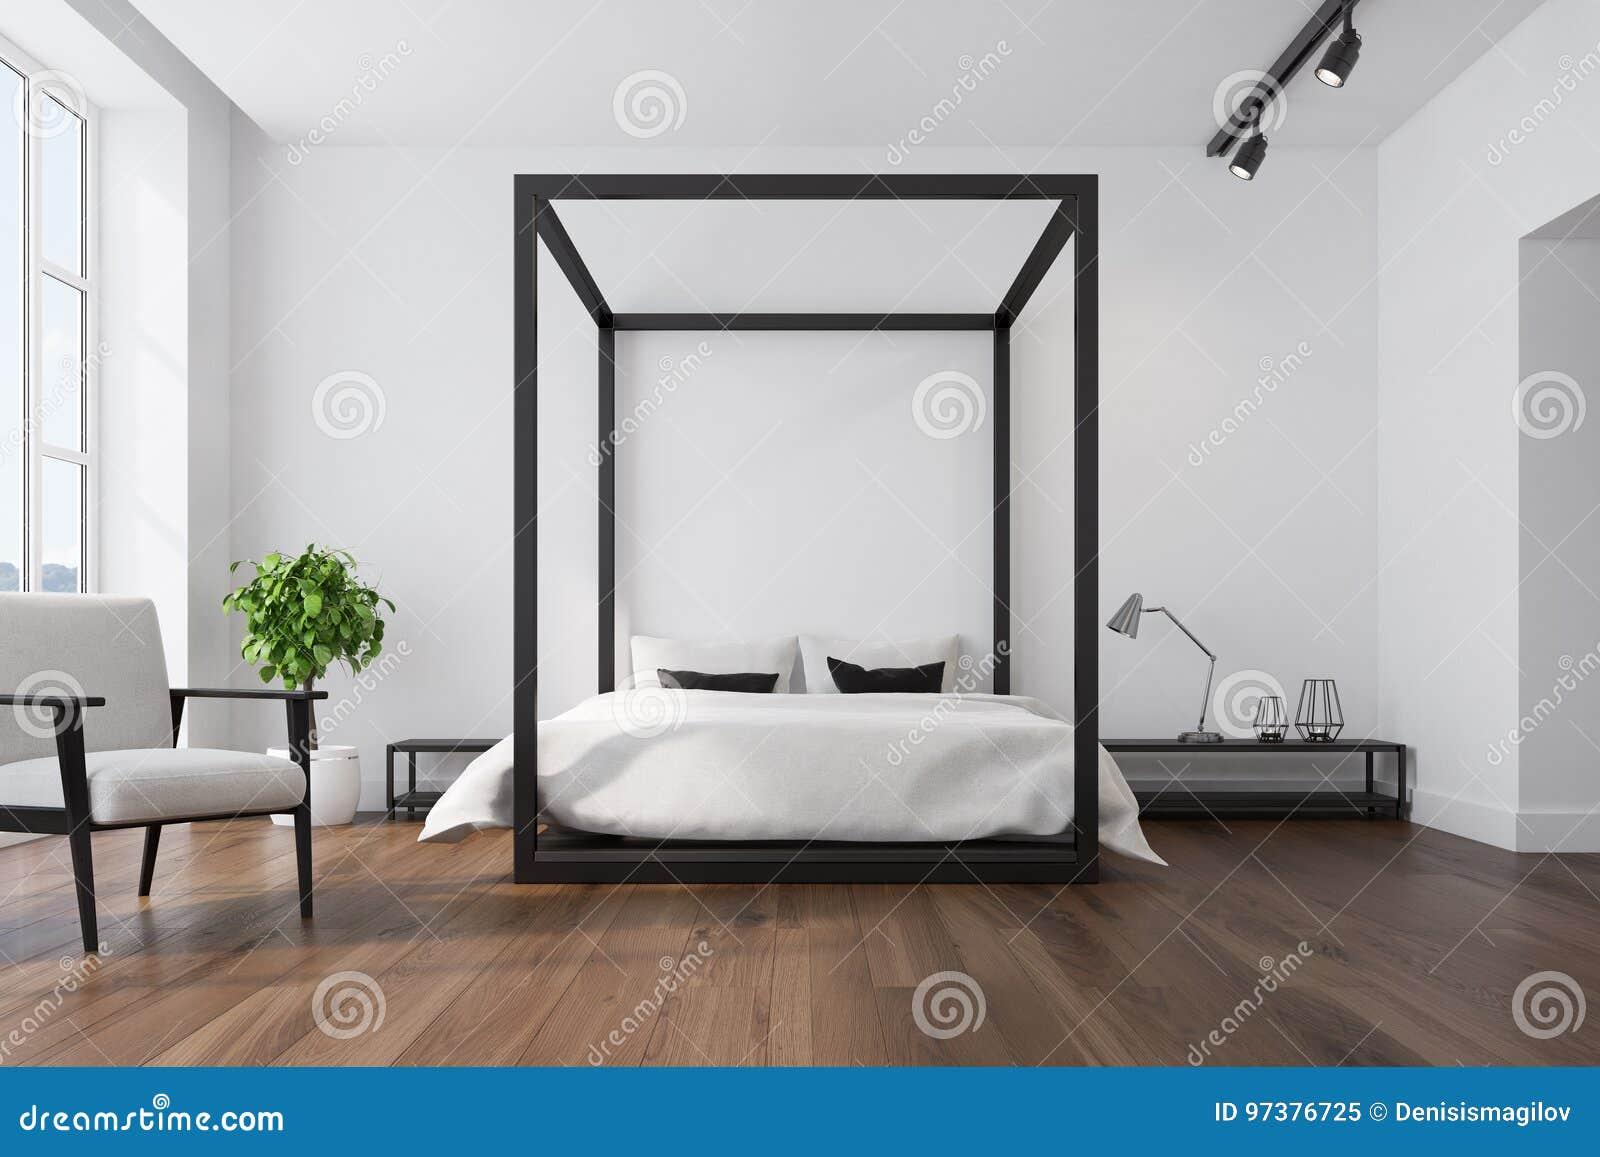 White bedroom interior, armchair